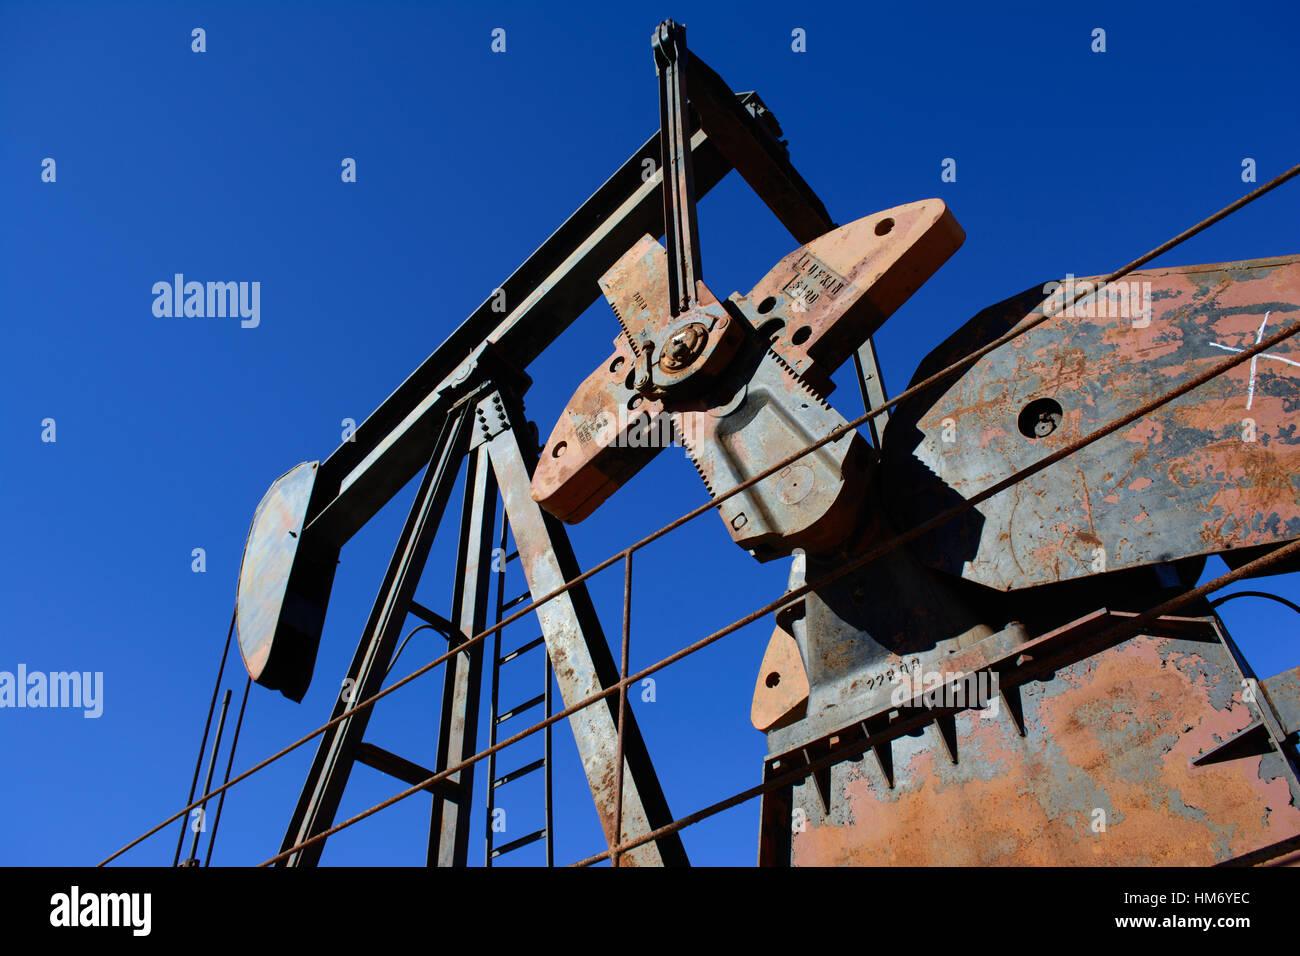 Rusty Oilfield Pumpjack (cavallo a dondolo) su una testa del pozzo. Cielo blu chiaro dello sfondo. Illustra oilfield Immagini Stock